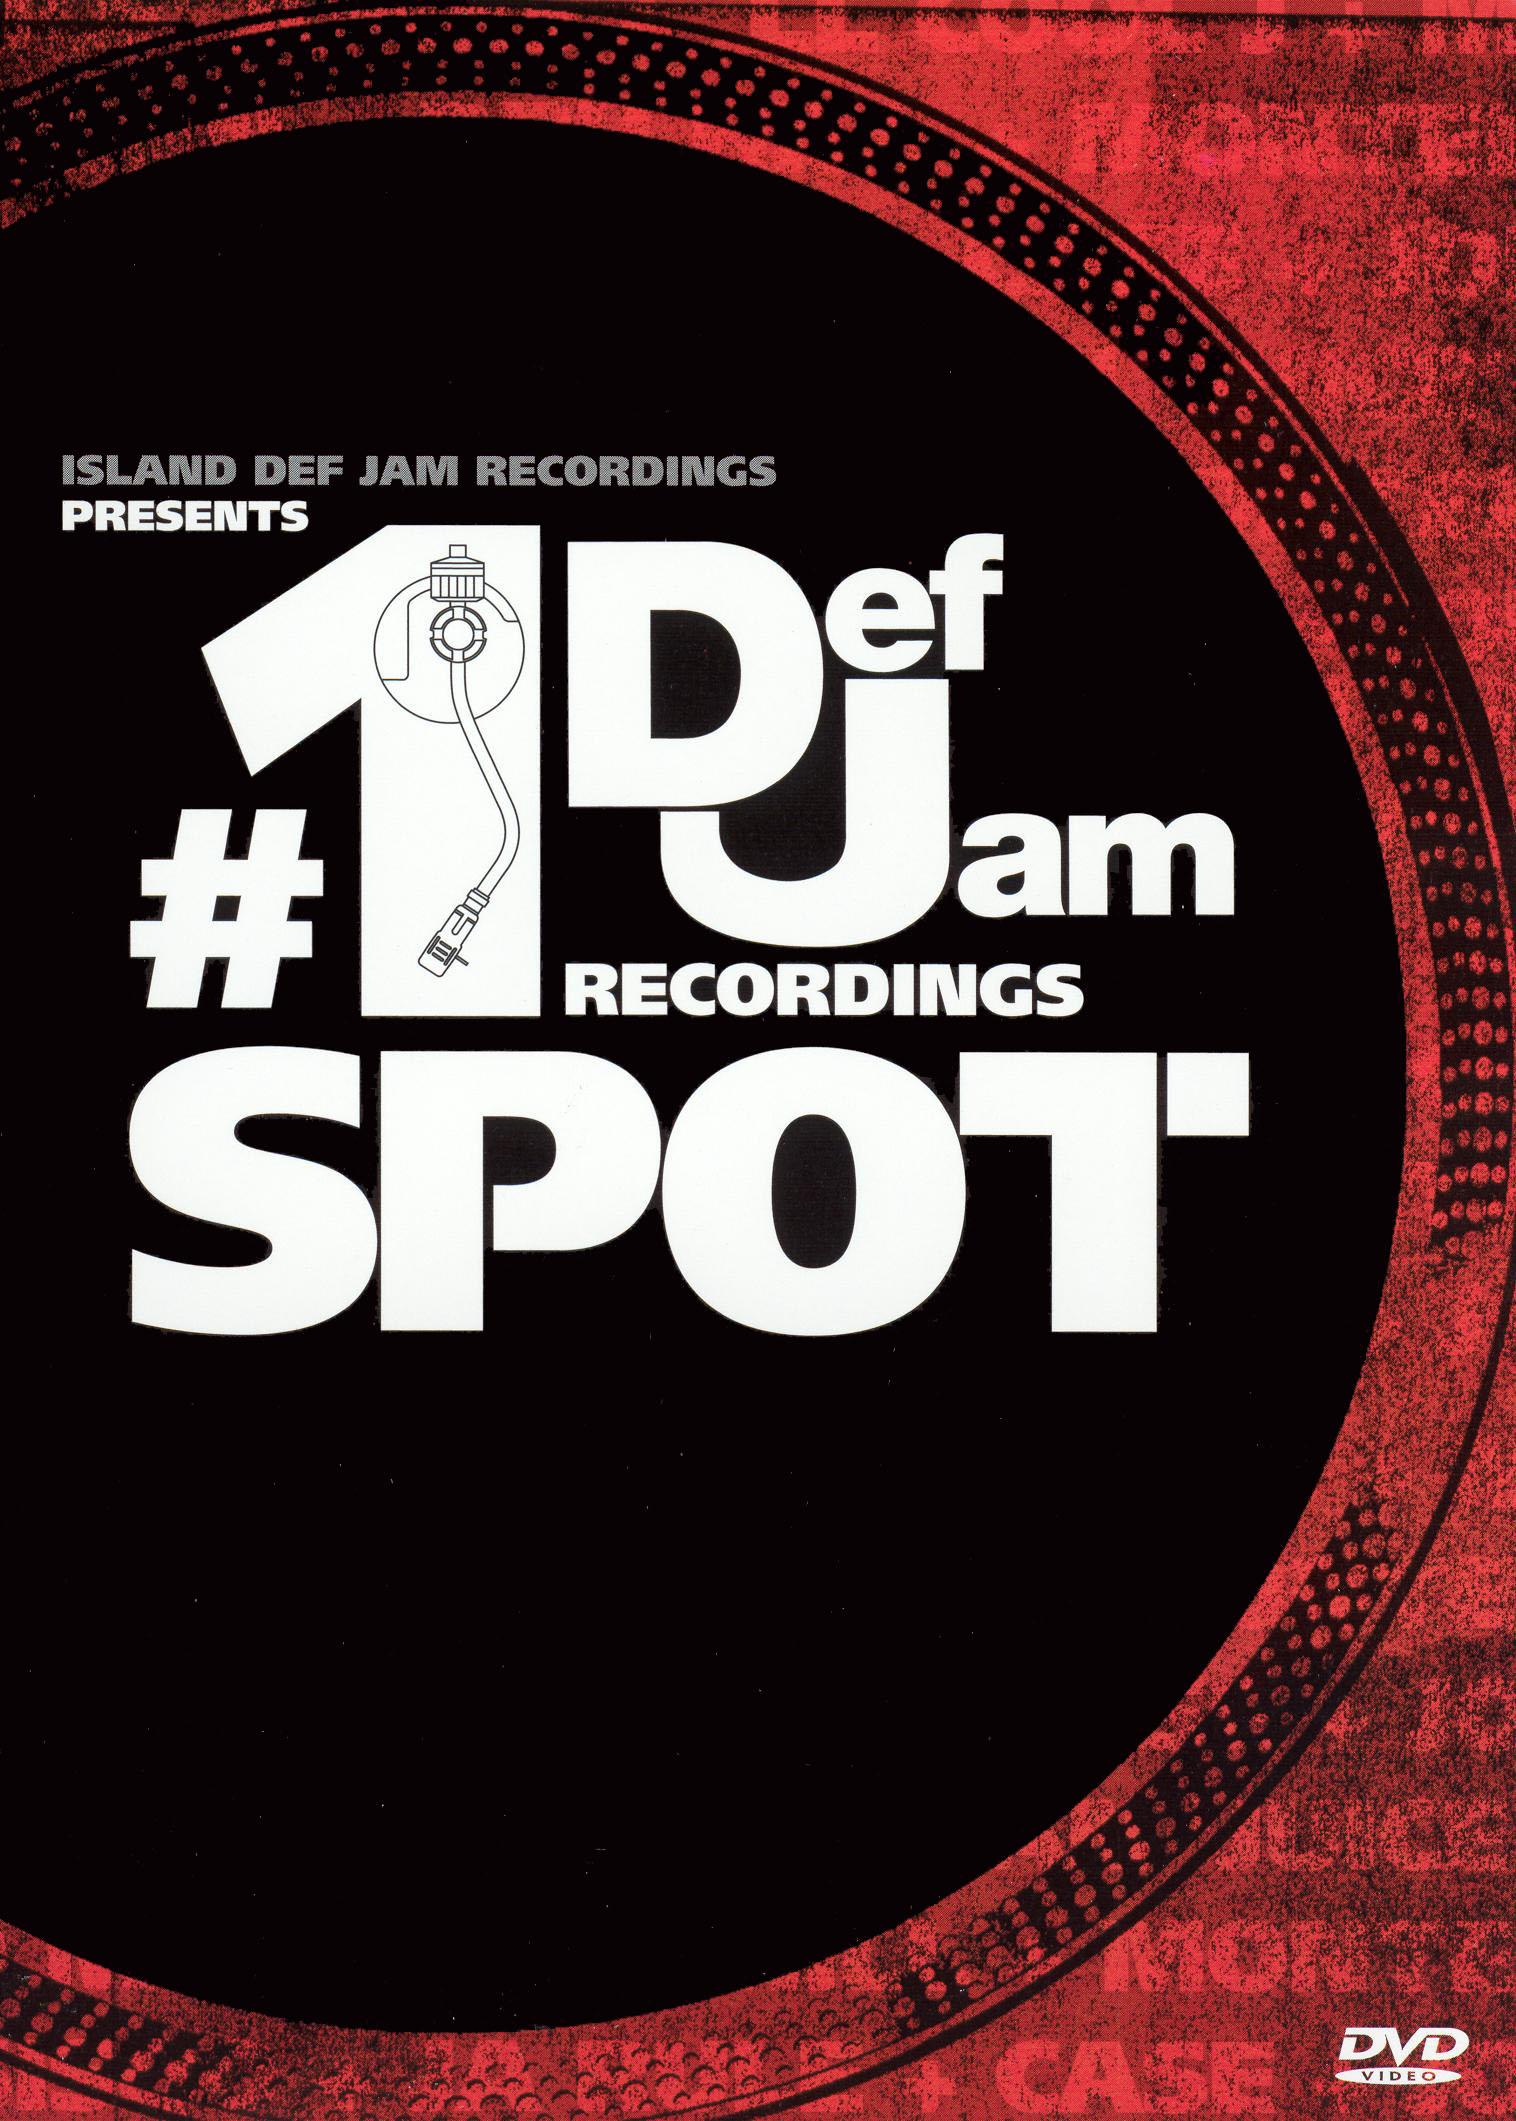 Island Def Jam Recording Presents #1 Spot